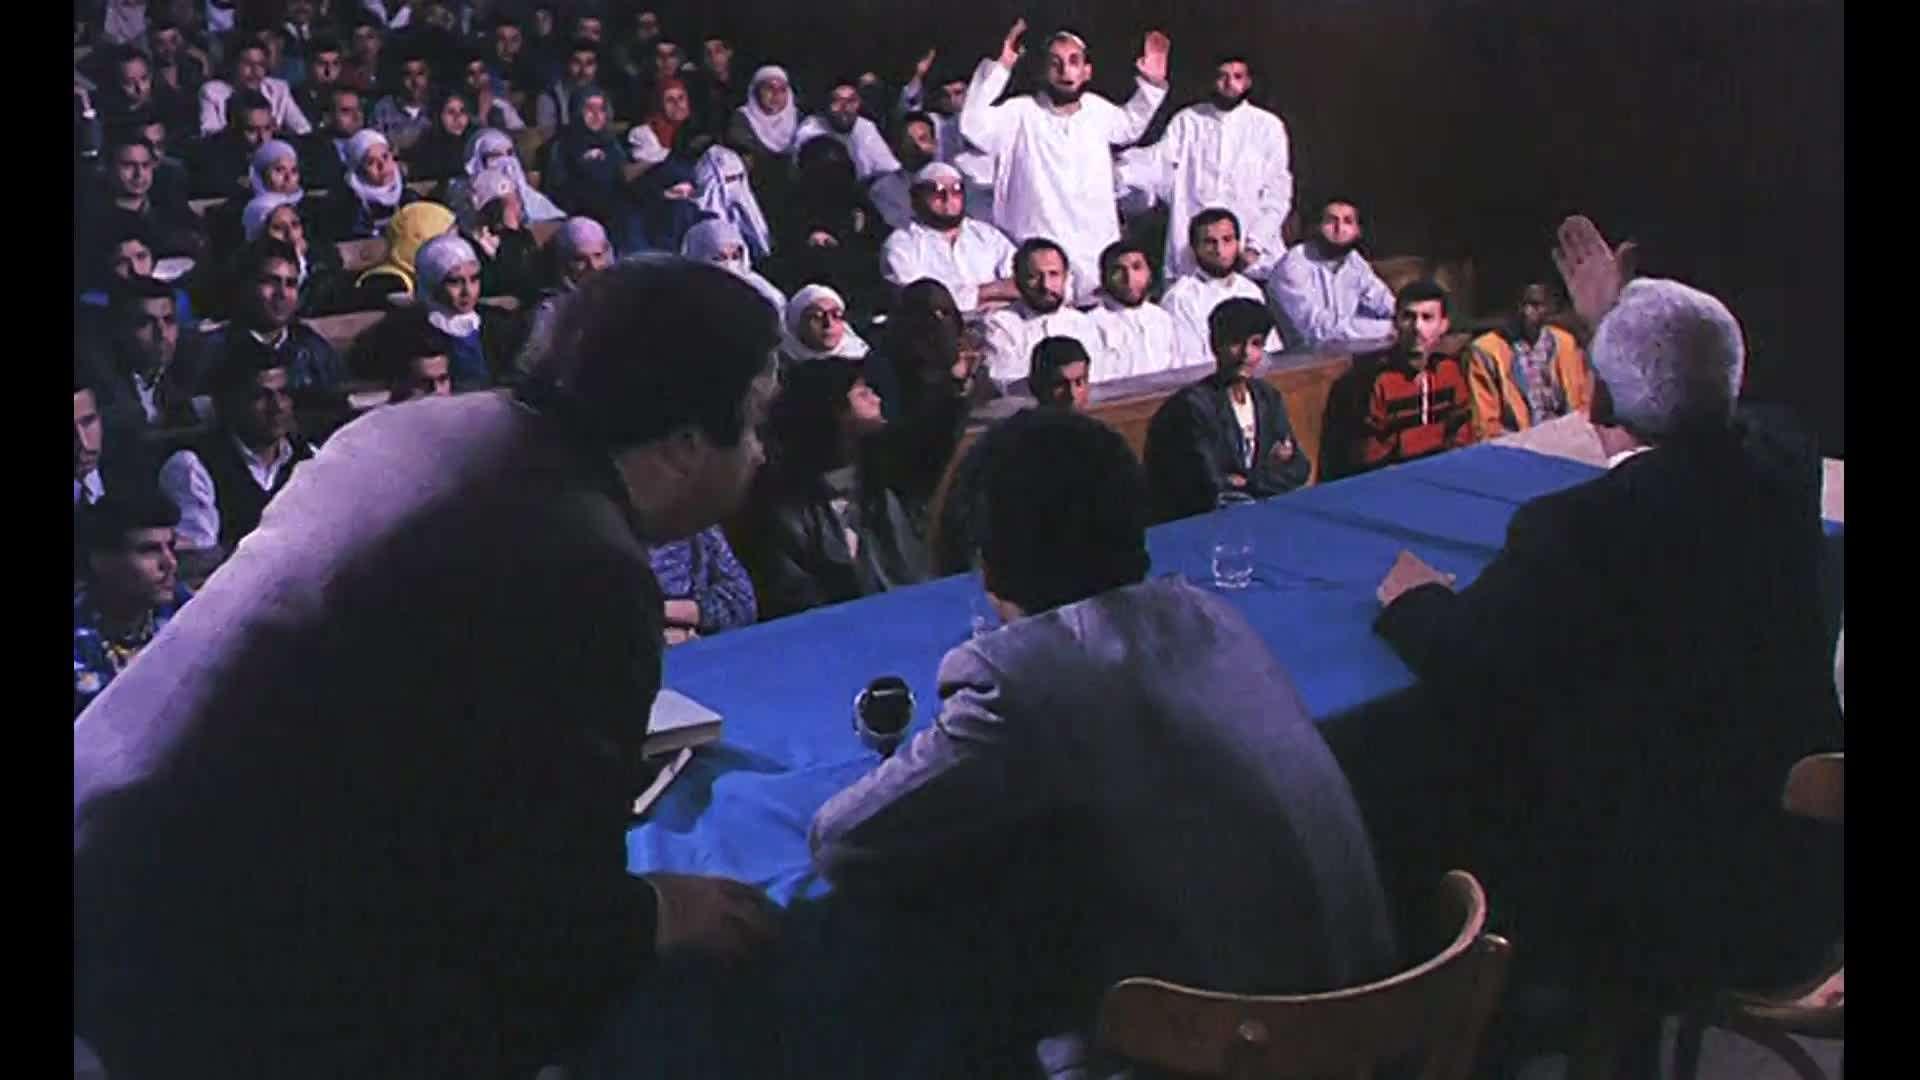 [فيلم][تورنت][تحميل][امرأة واحدة لا تكفي][1990][1080p][Web-DL] 5 arabp2p.com